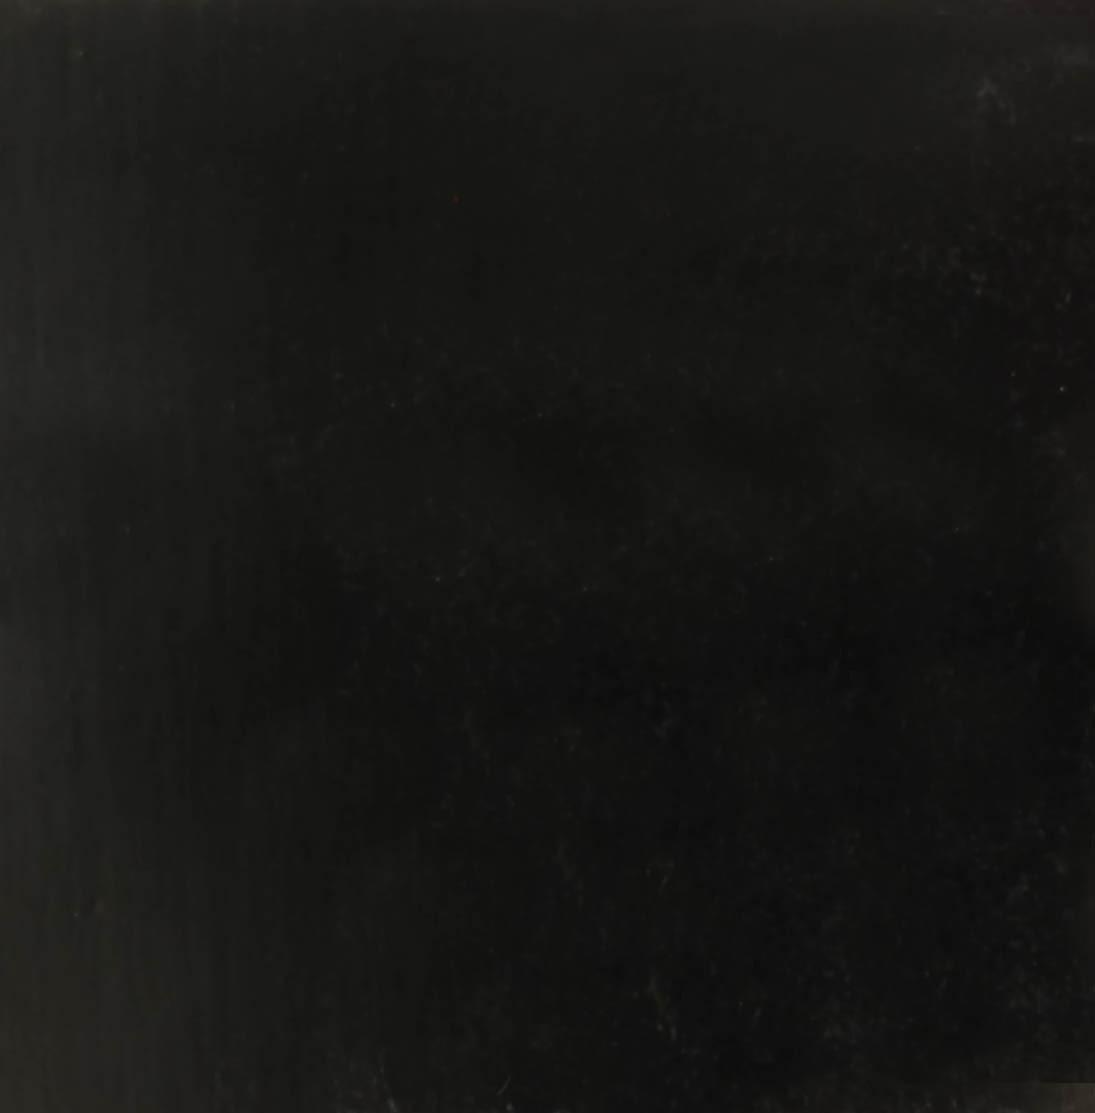 Noir-085